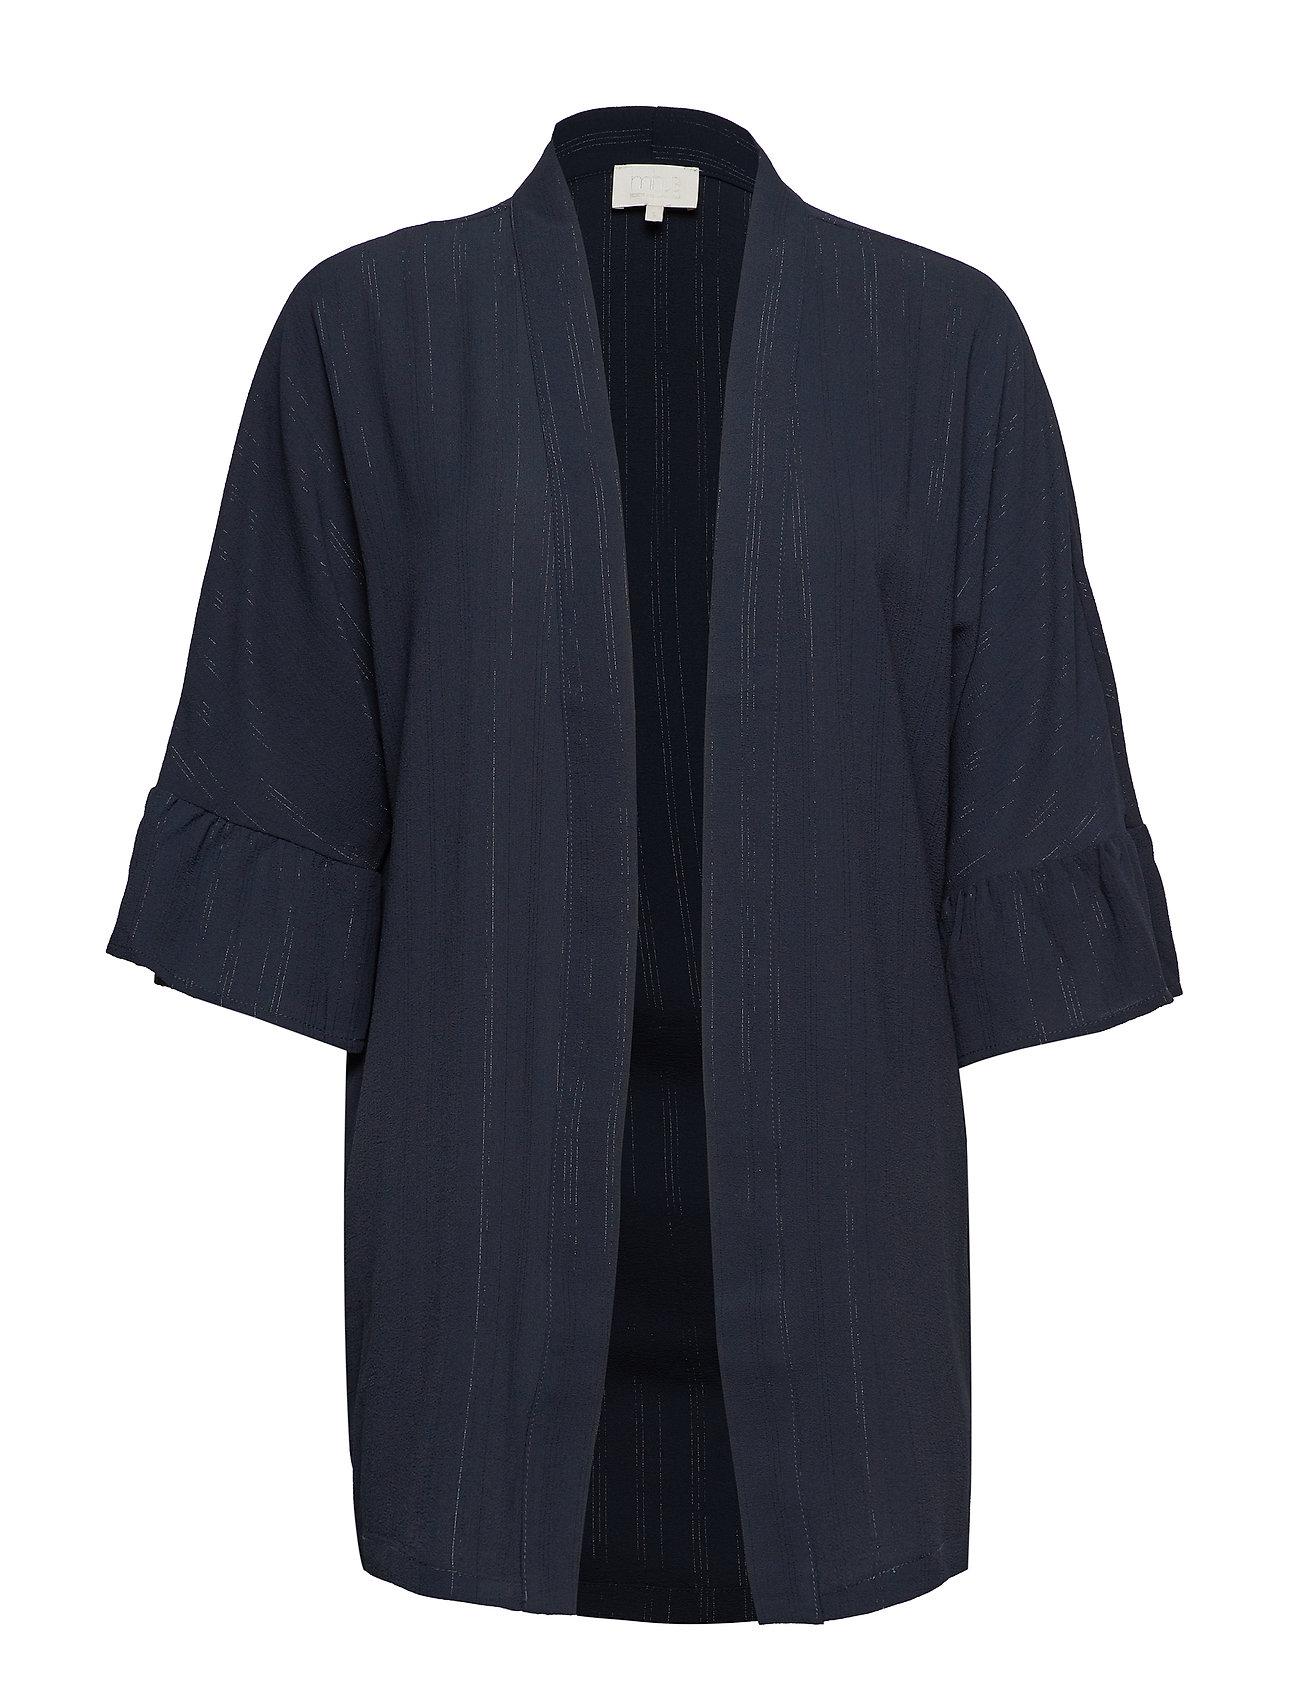 Minus July kimono - BLACK IRIS